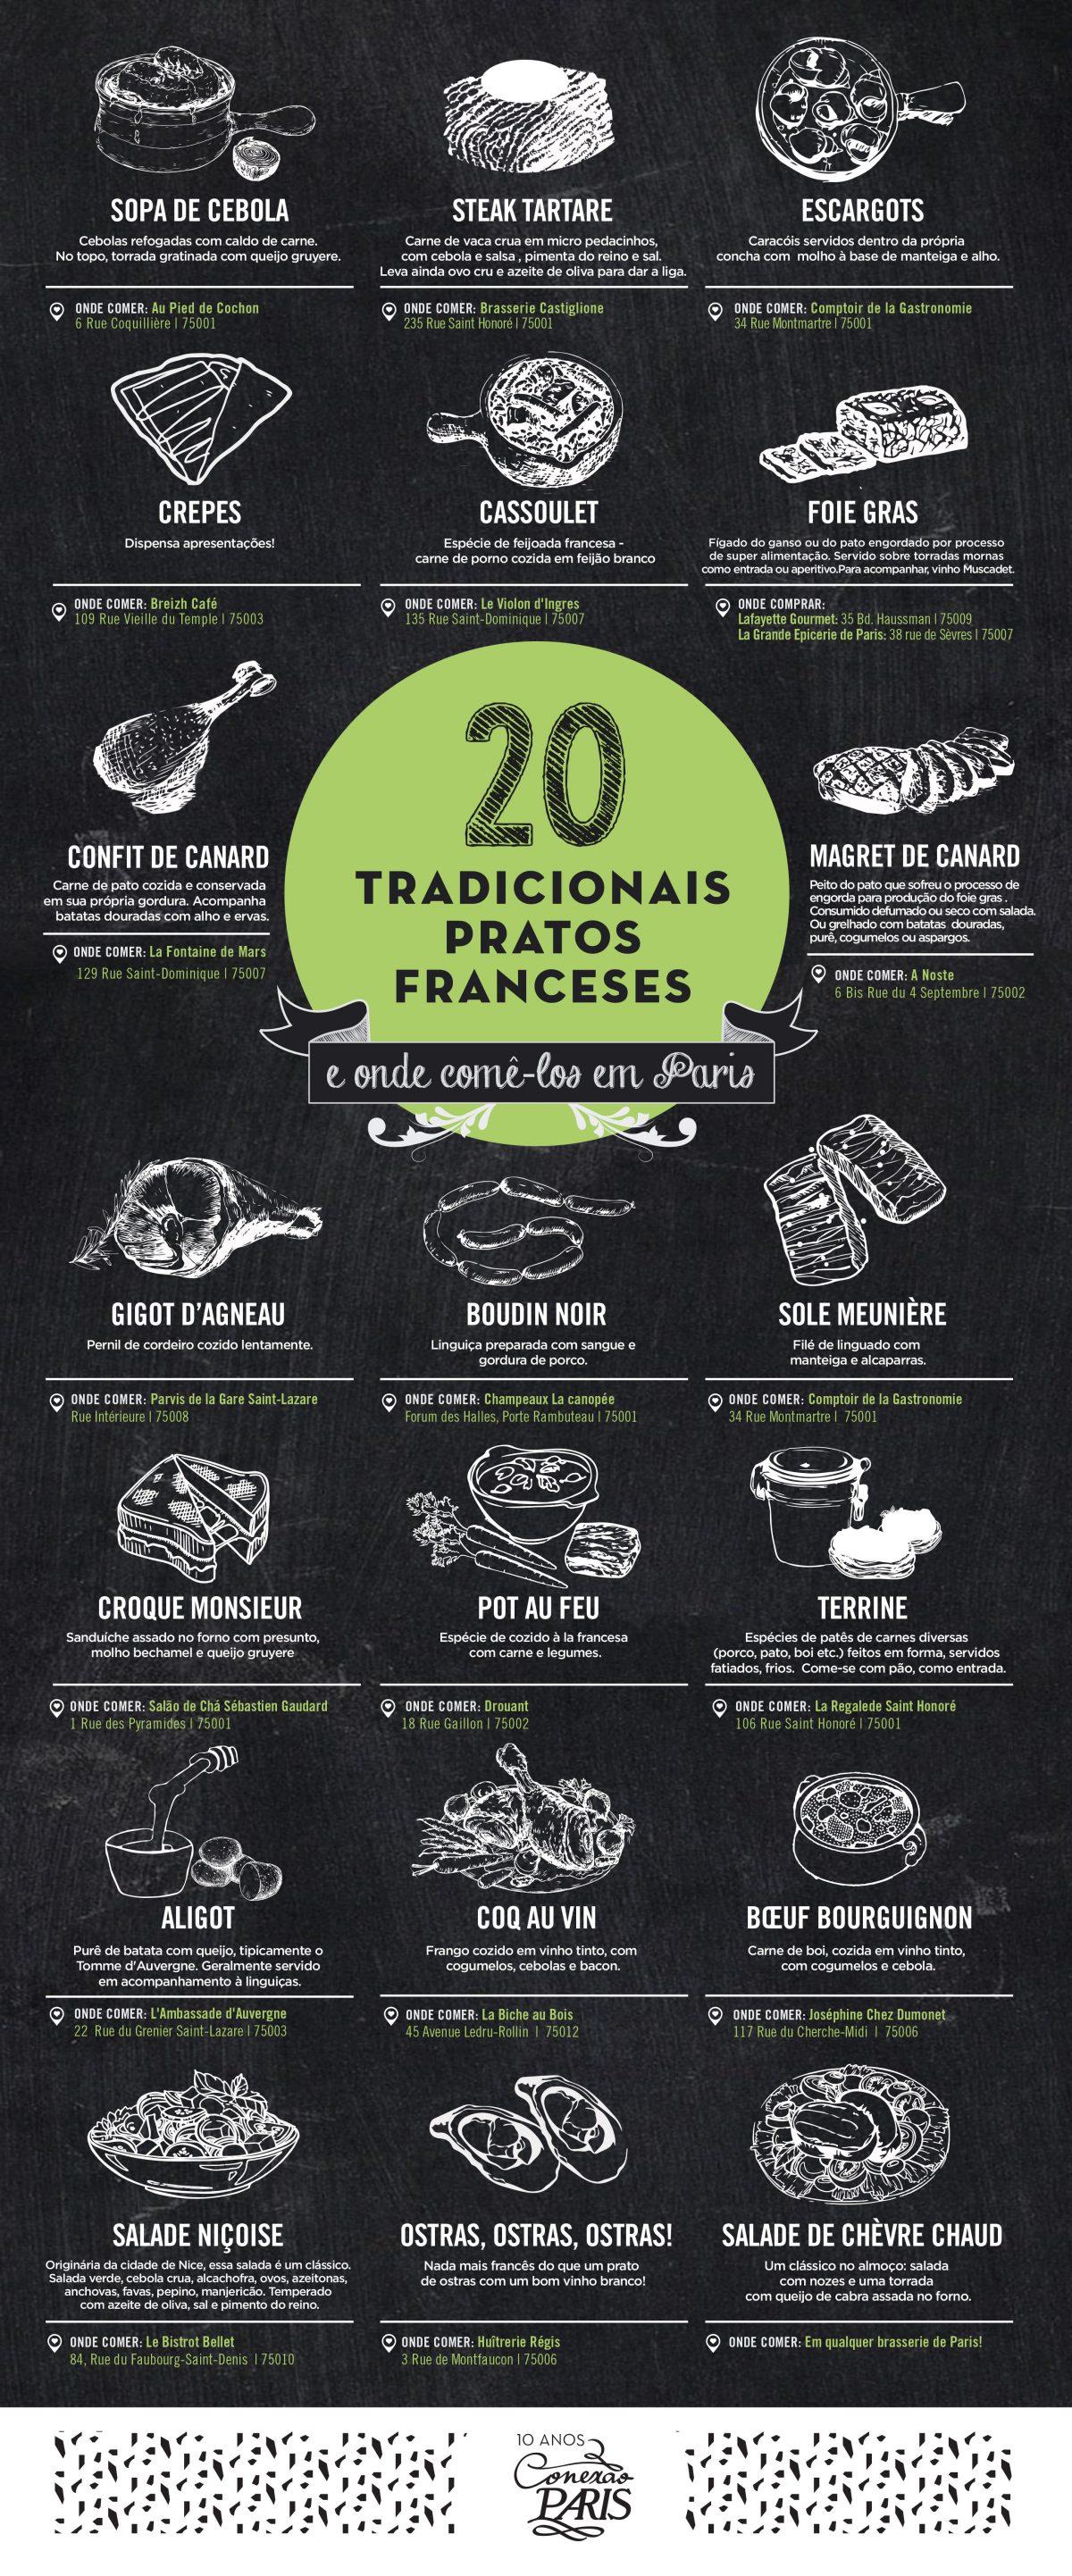 tradicionais pratos franceses